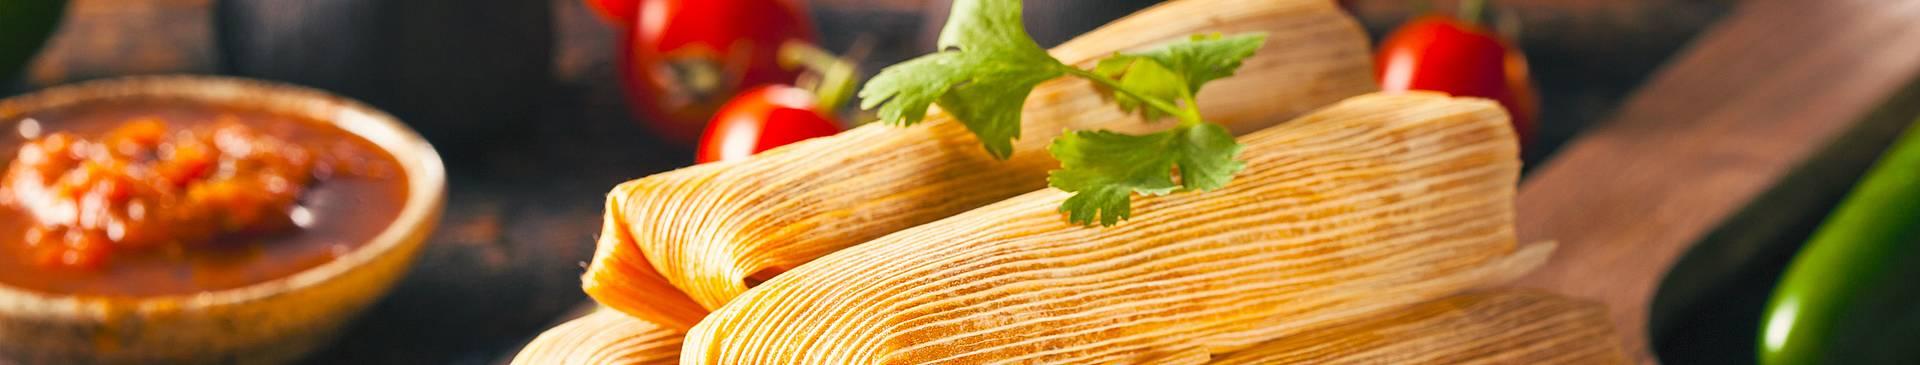 Rutas gastronómicas y enológicas por México